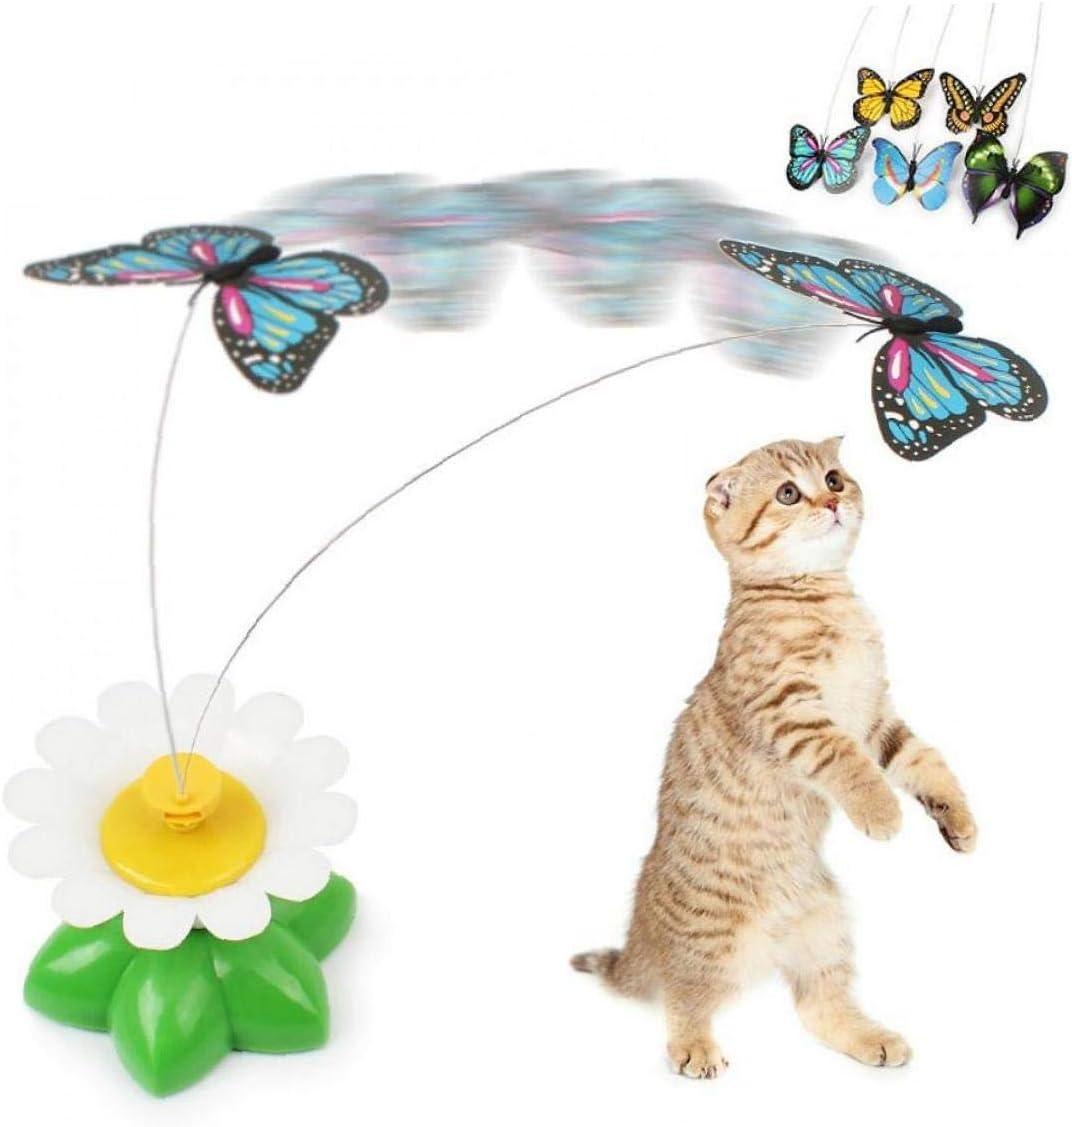 CULER Cat Teaser-Spielzeug Drehende Elektrische Schmetterling Lustige Stahldraht Teaser Spielzeug F/ür Haustiere Welpen Kitten Interaktive Spiel Spielzeug